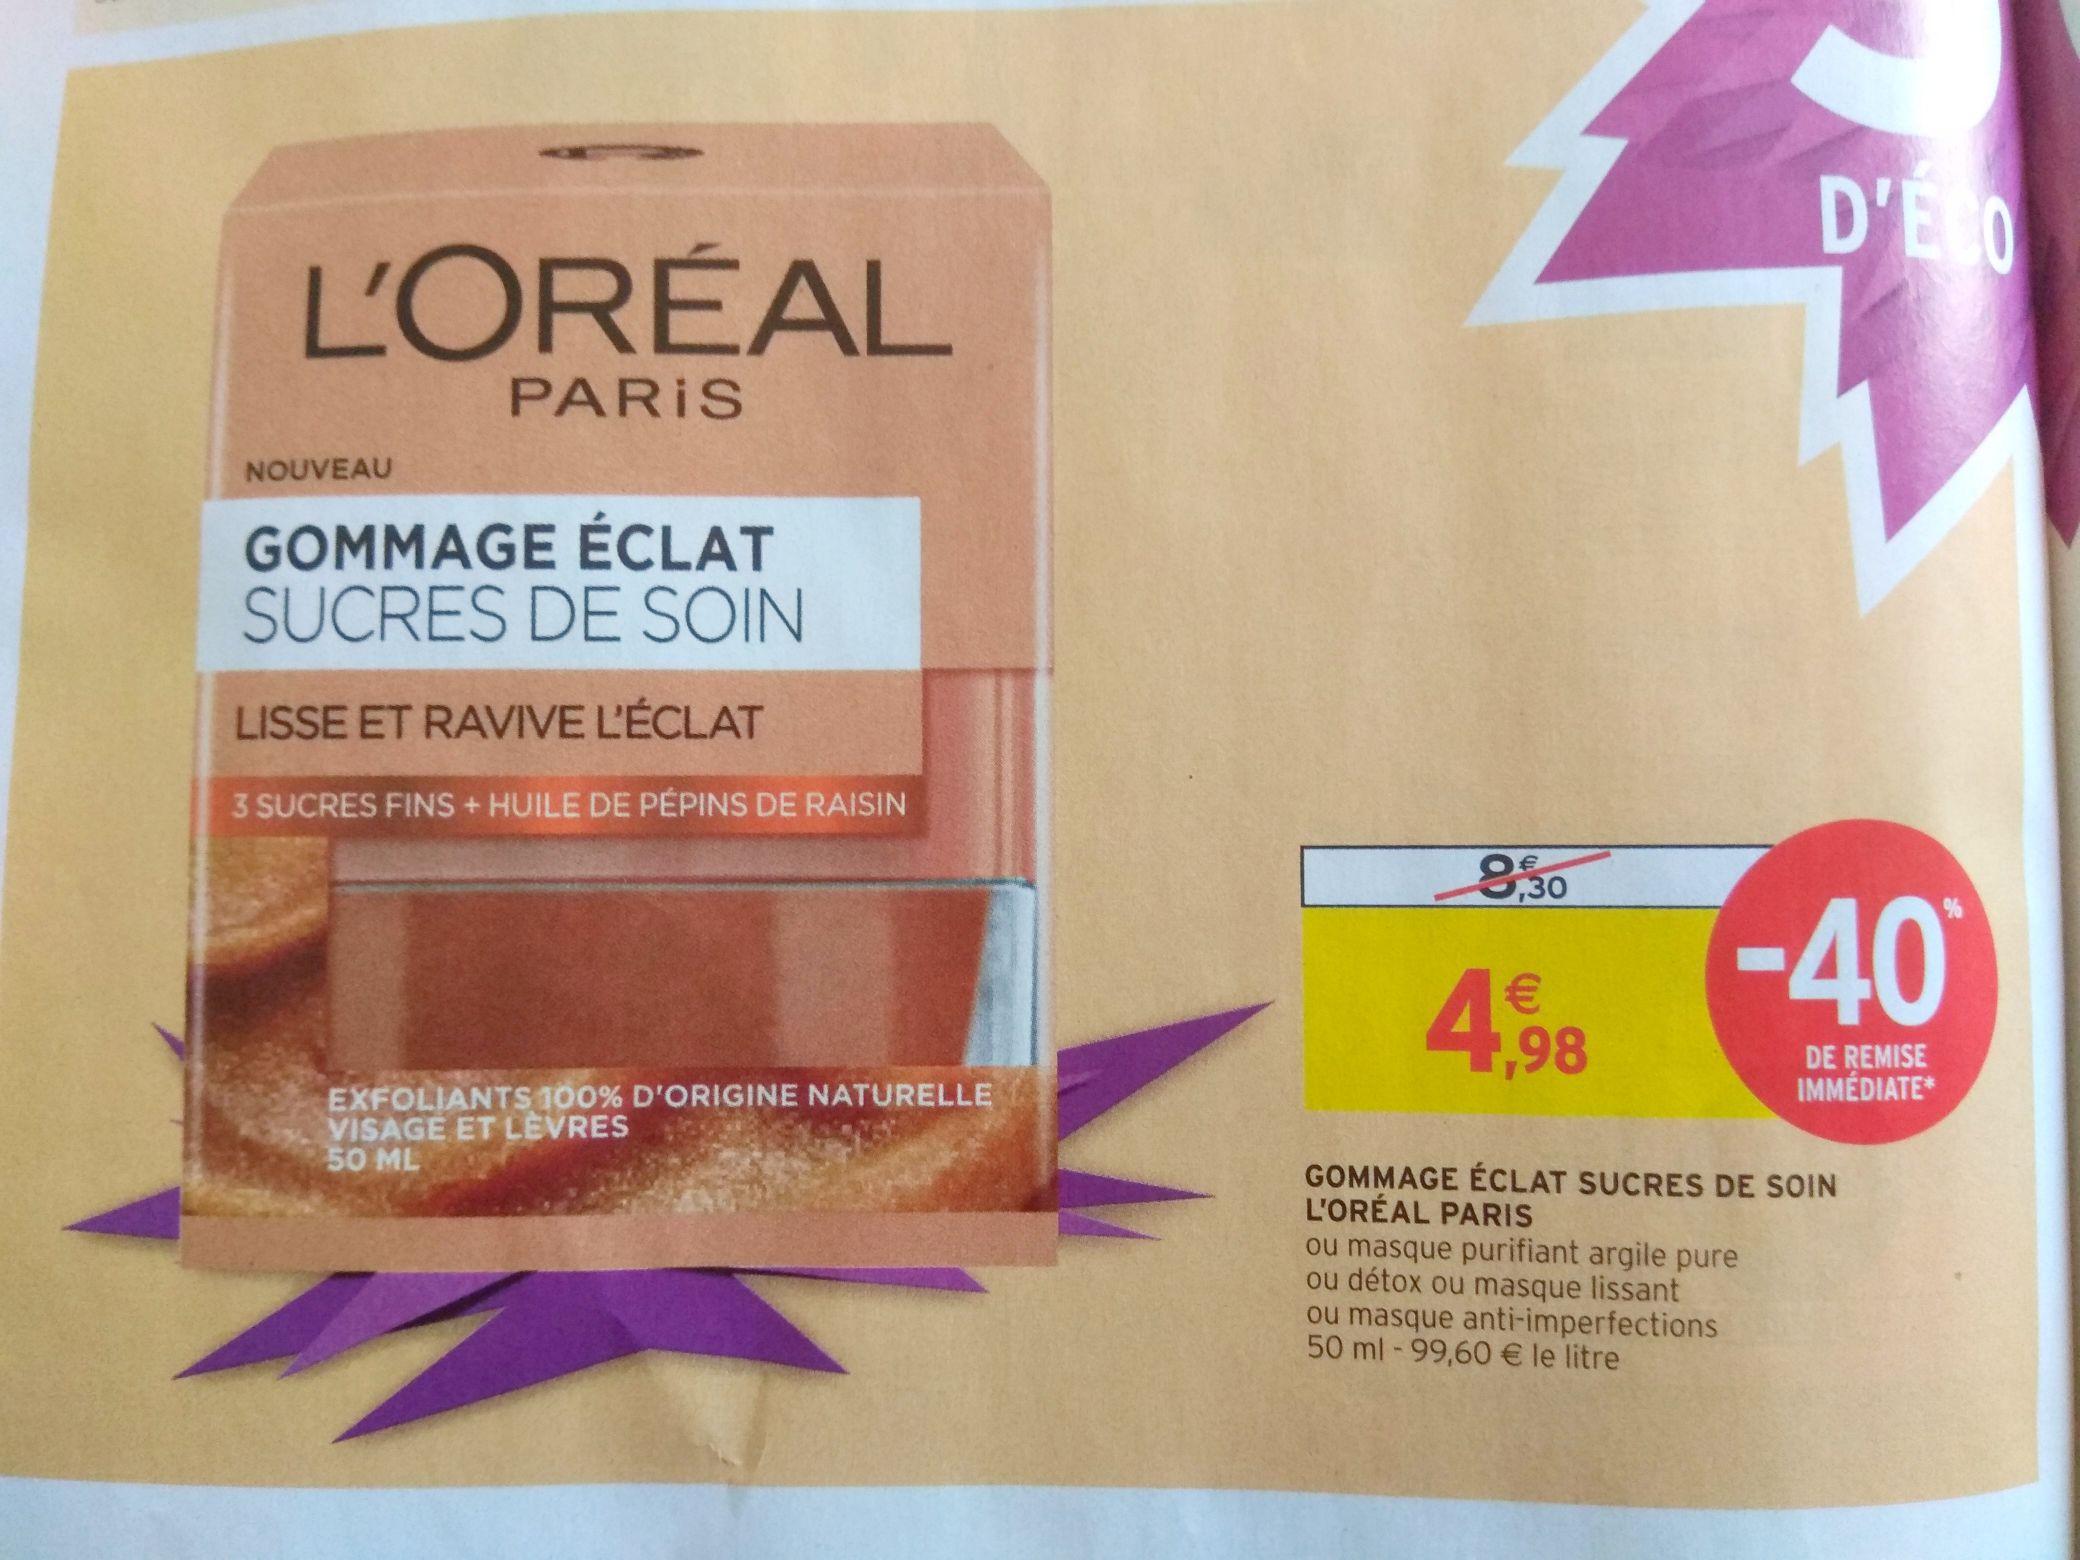 Gommage éclat sucre de soin L'Oréal Paris - 50 ml